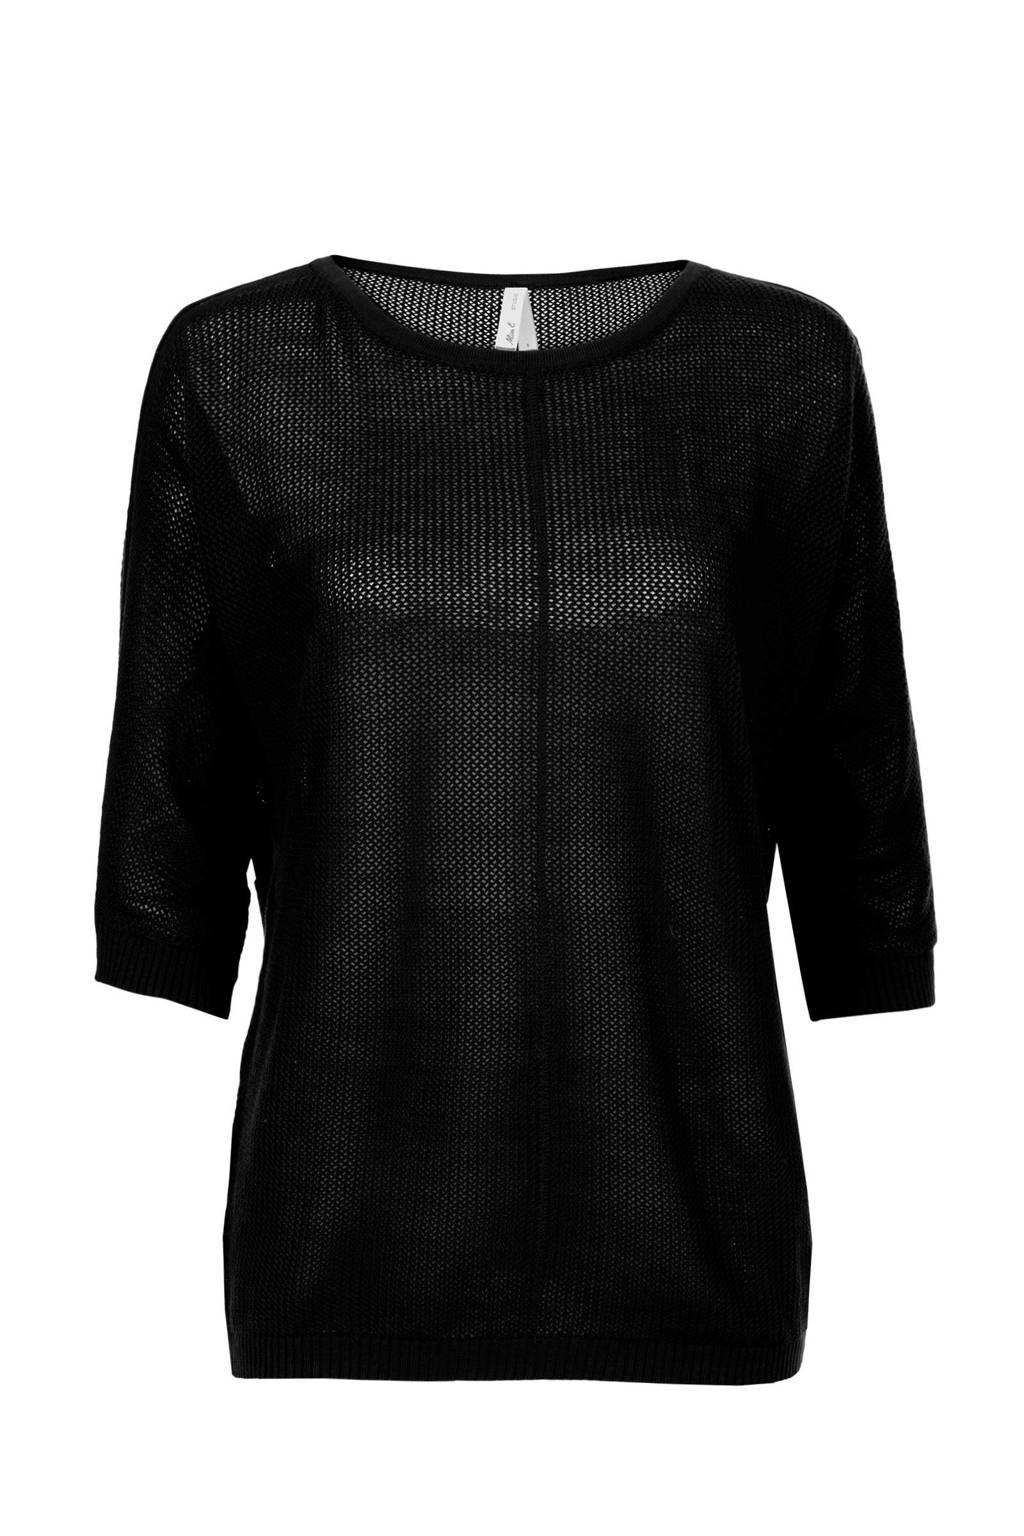 Miss Etam Regulier trui zwart, Zwart